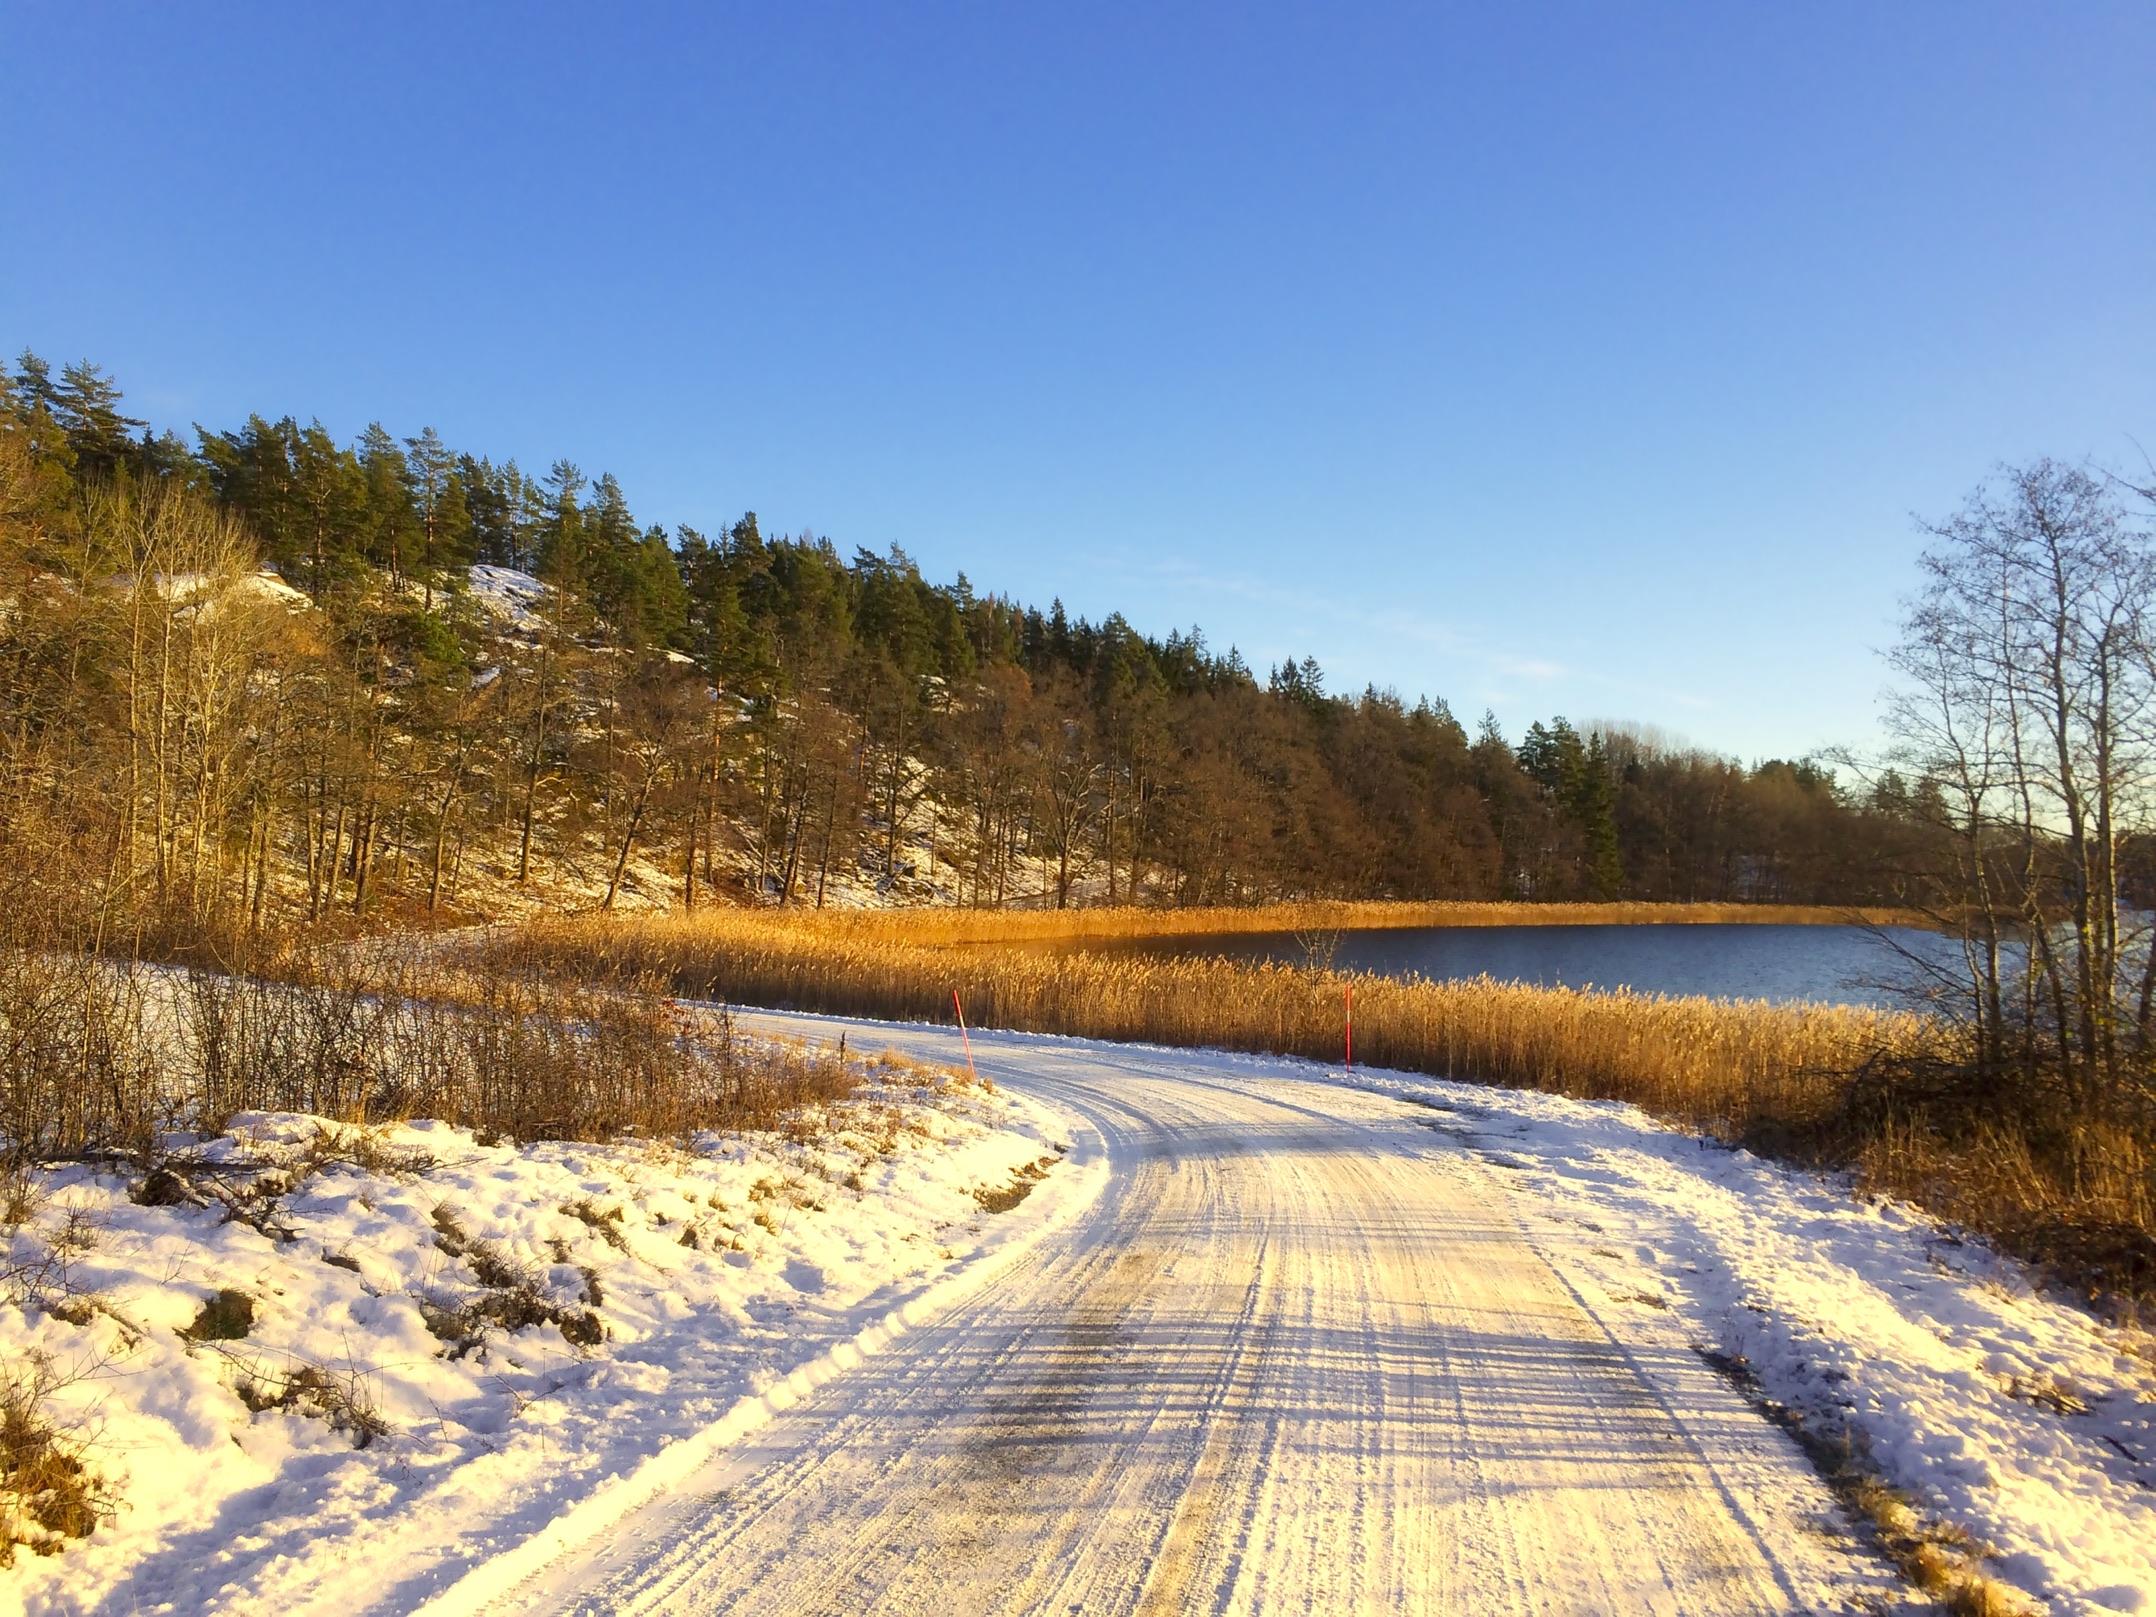 Vinterväg vid Slingsöviken december 2016 - Västervik.Nu